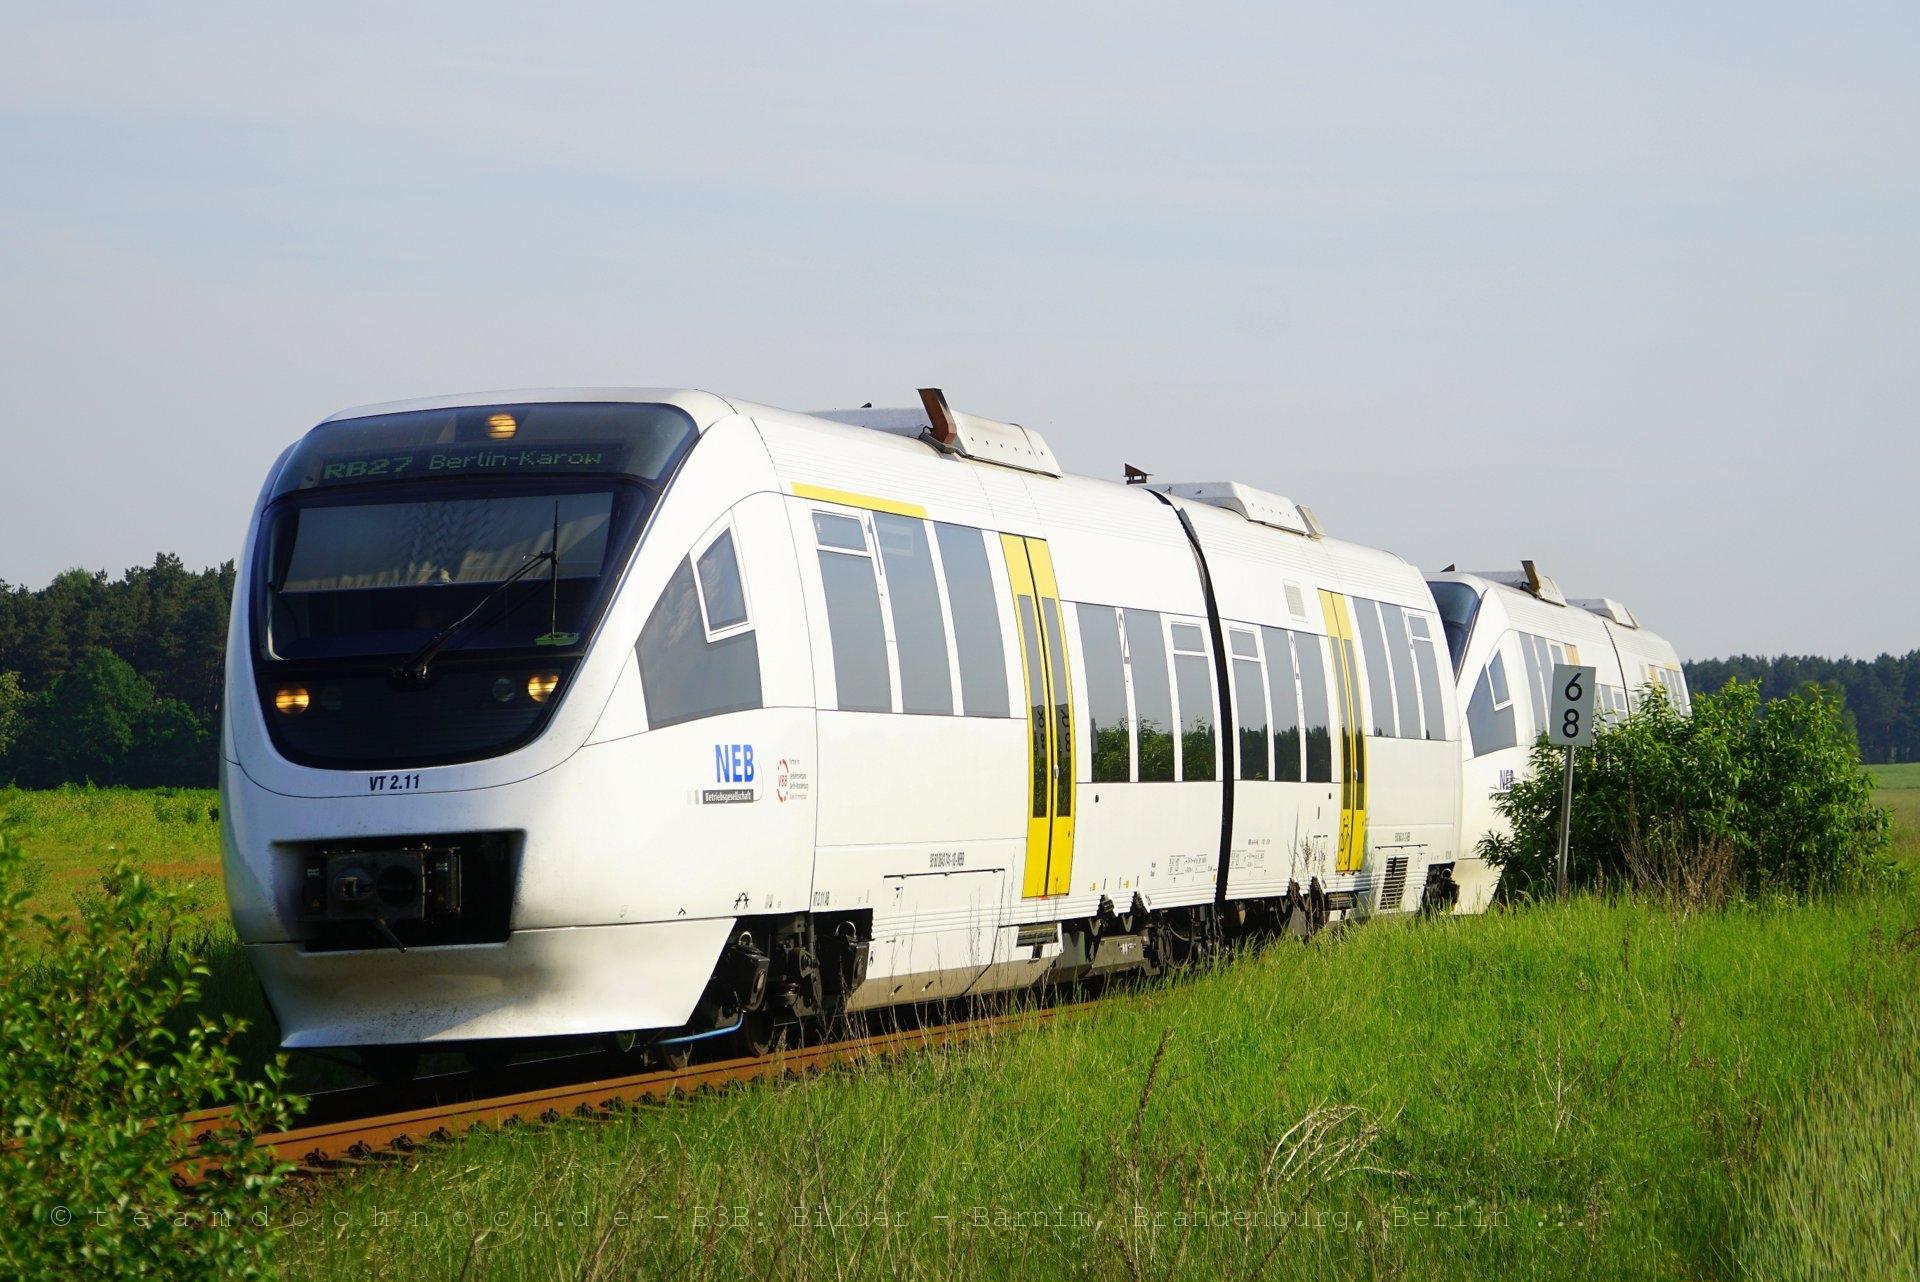 VT 2.11 und VT 643.01 als RB27 nach Berlin Karow